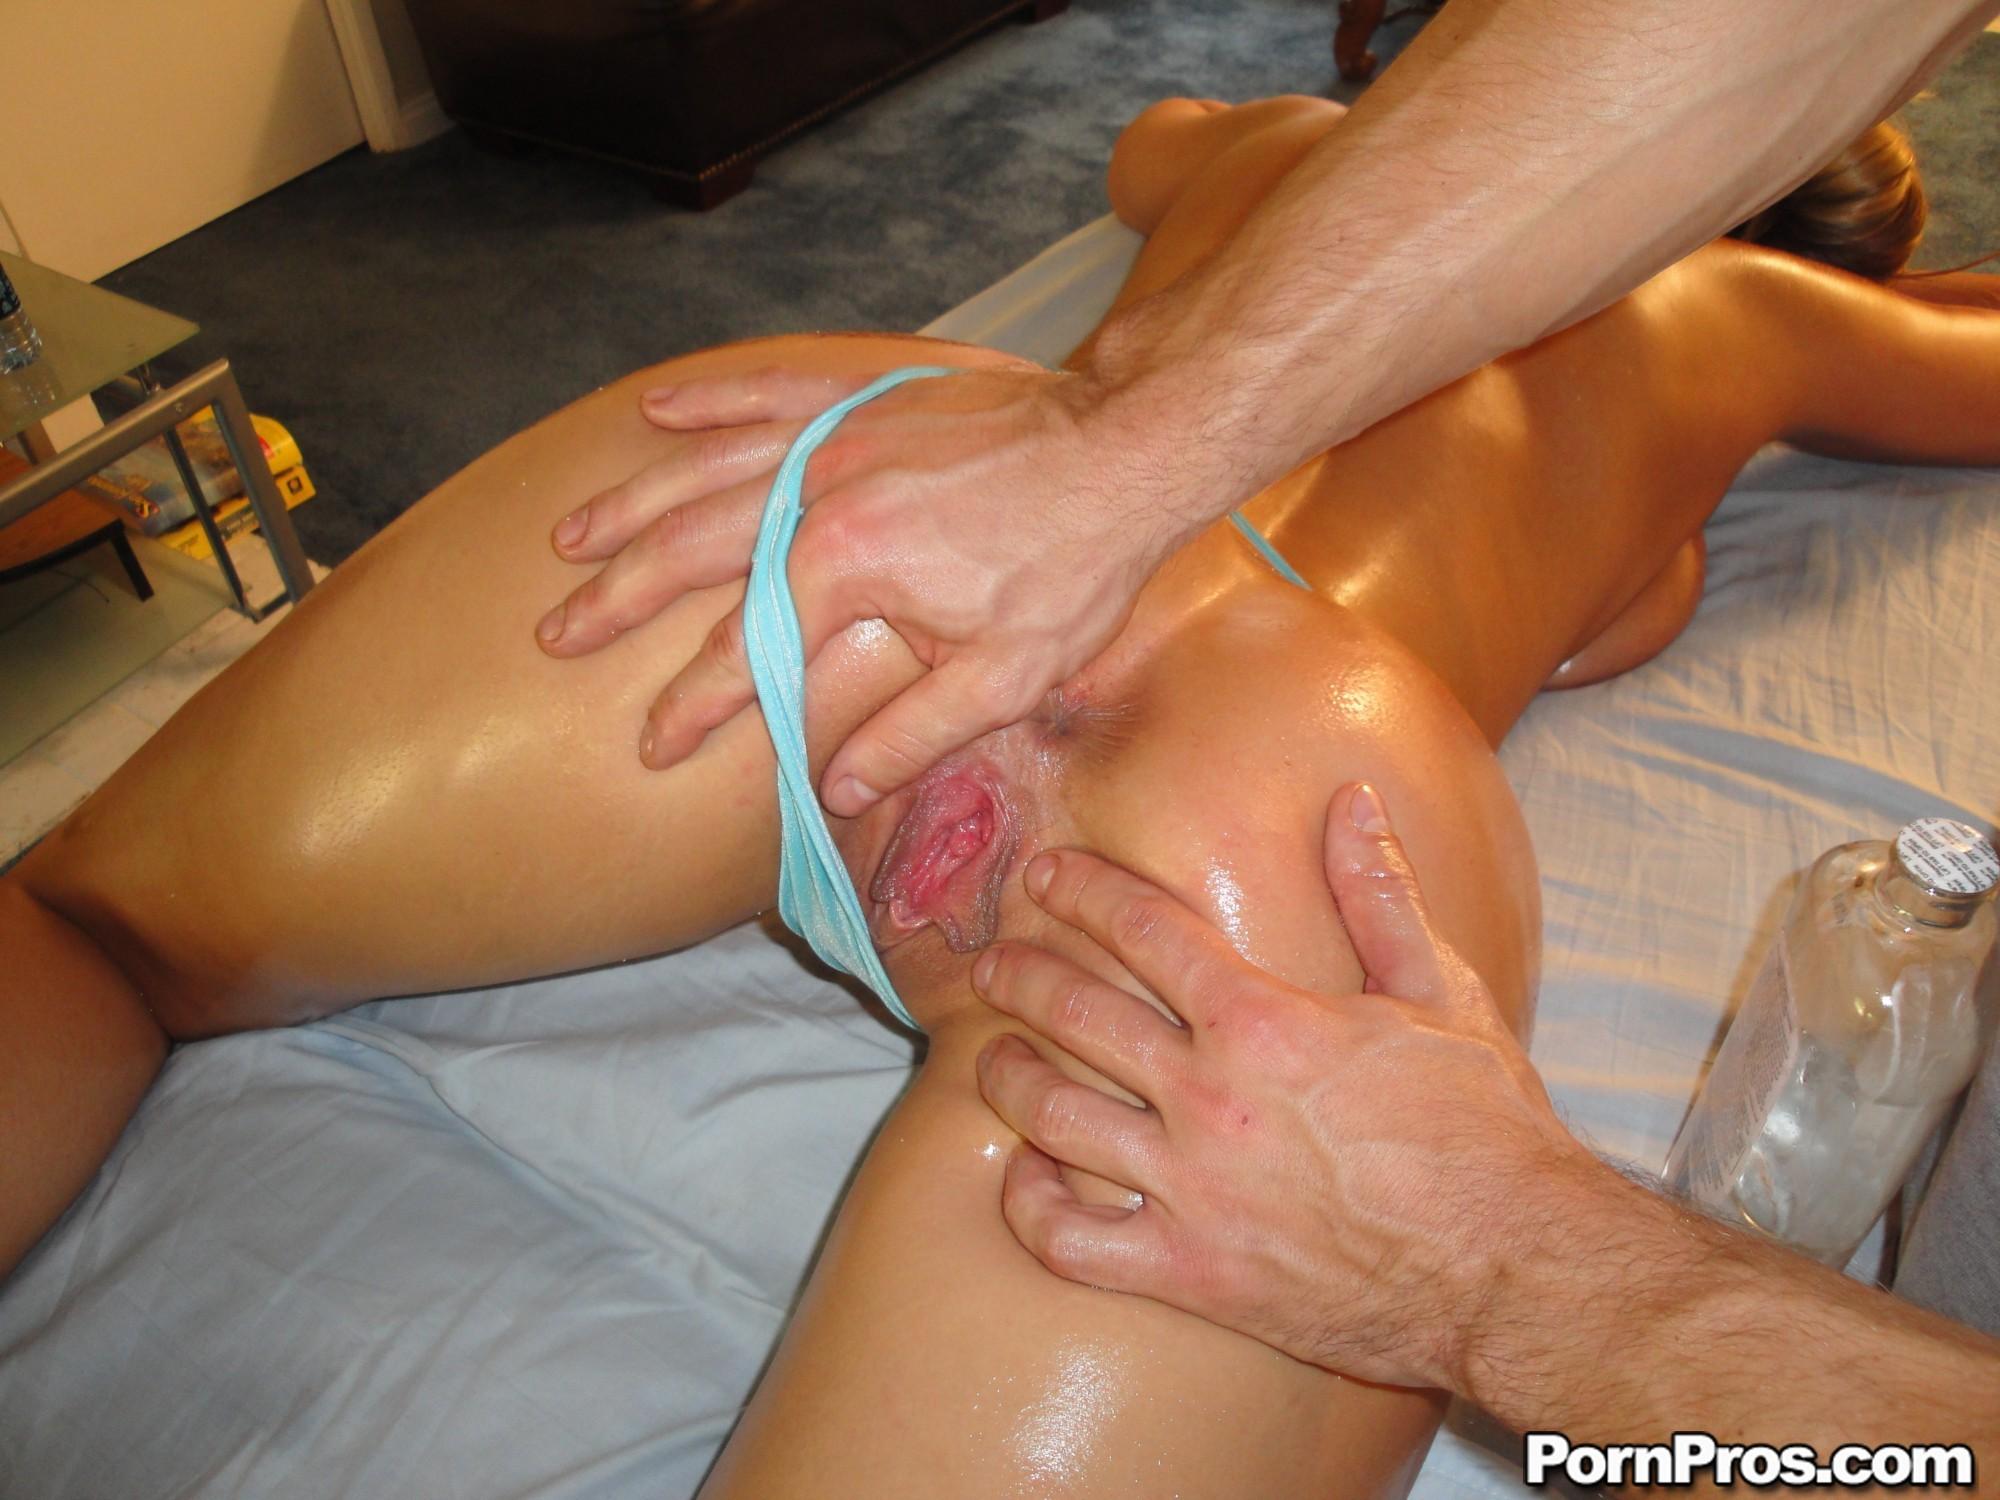 даже порно массаж как высасывают из пизды девушки средних